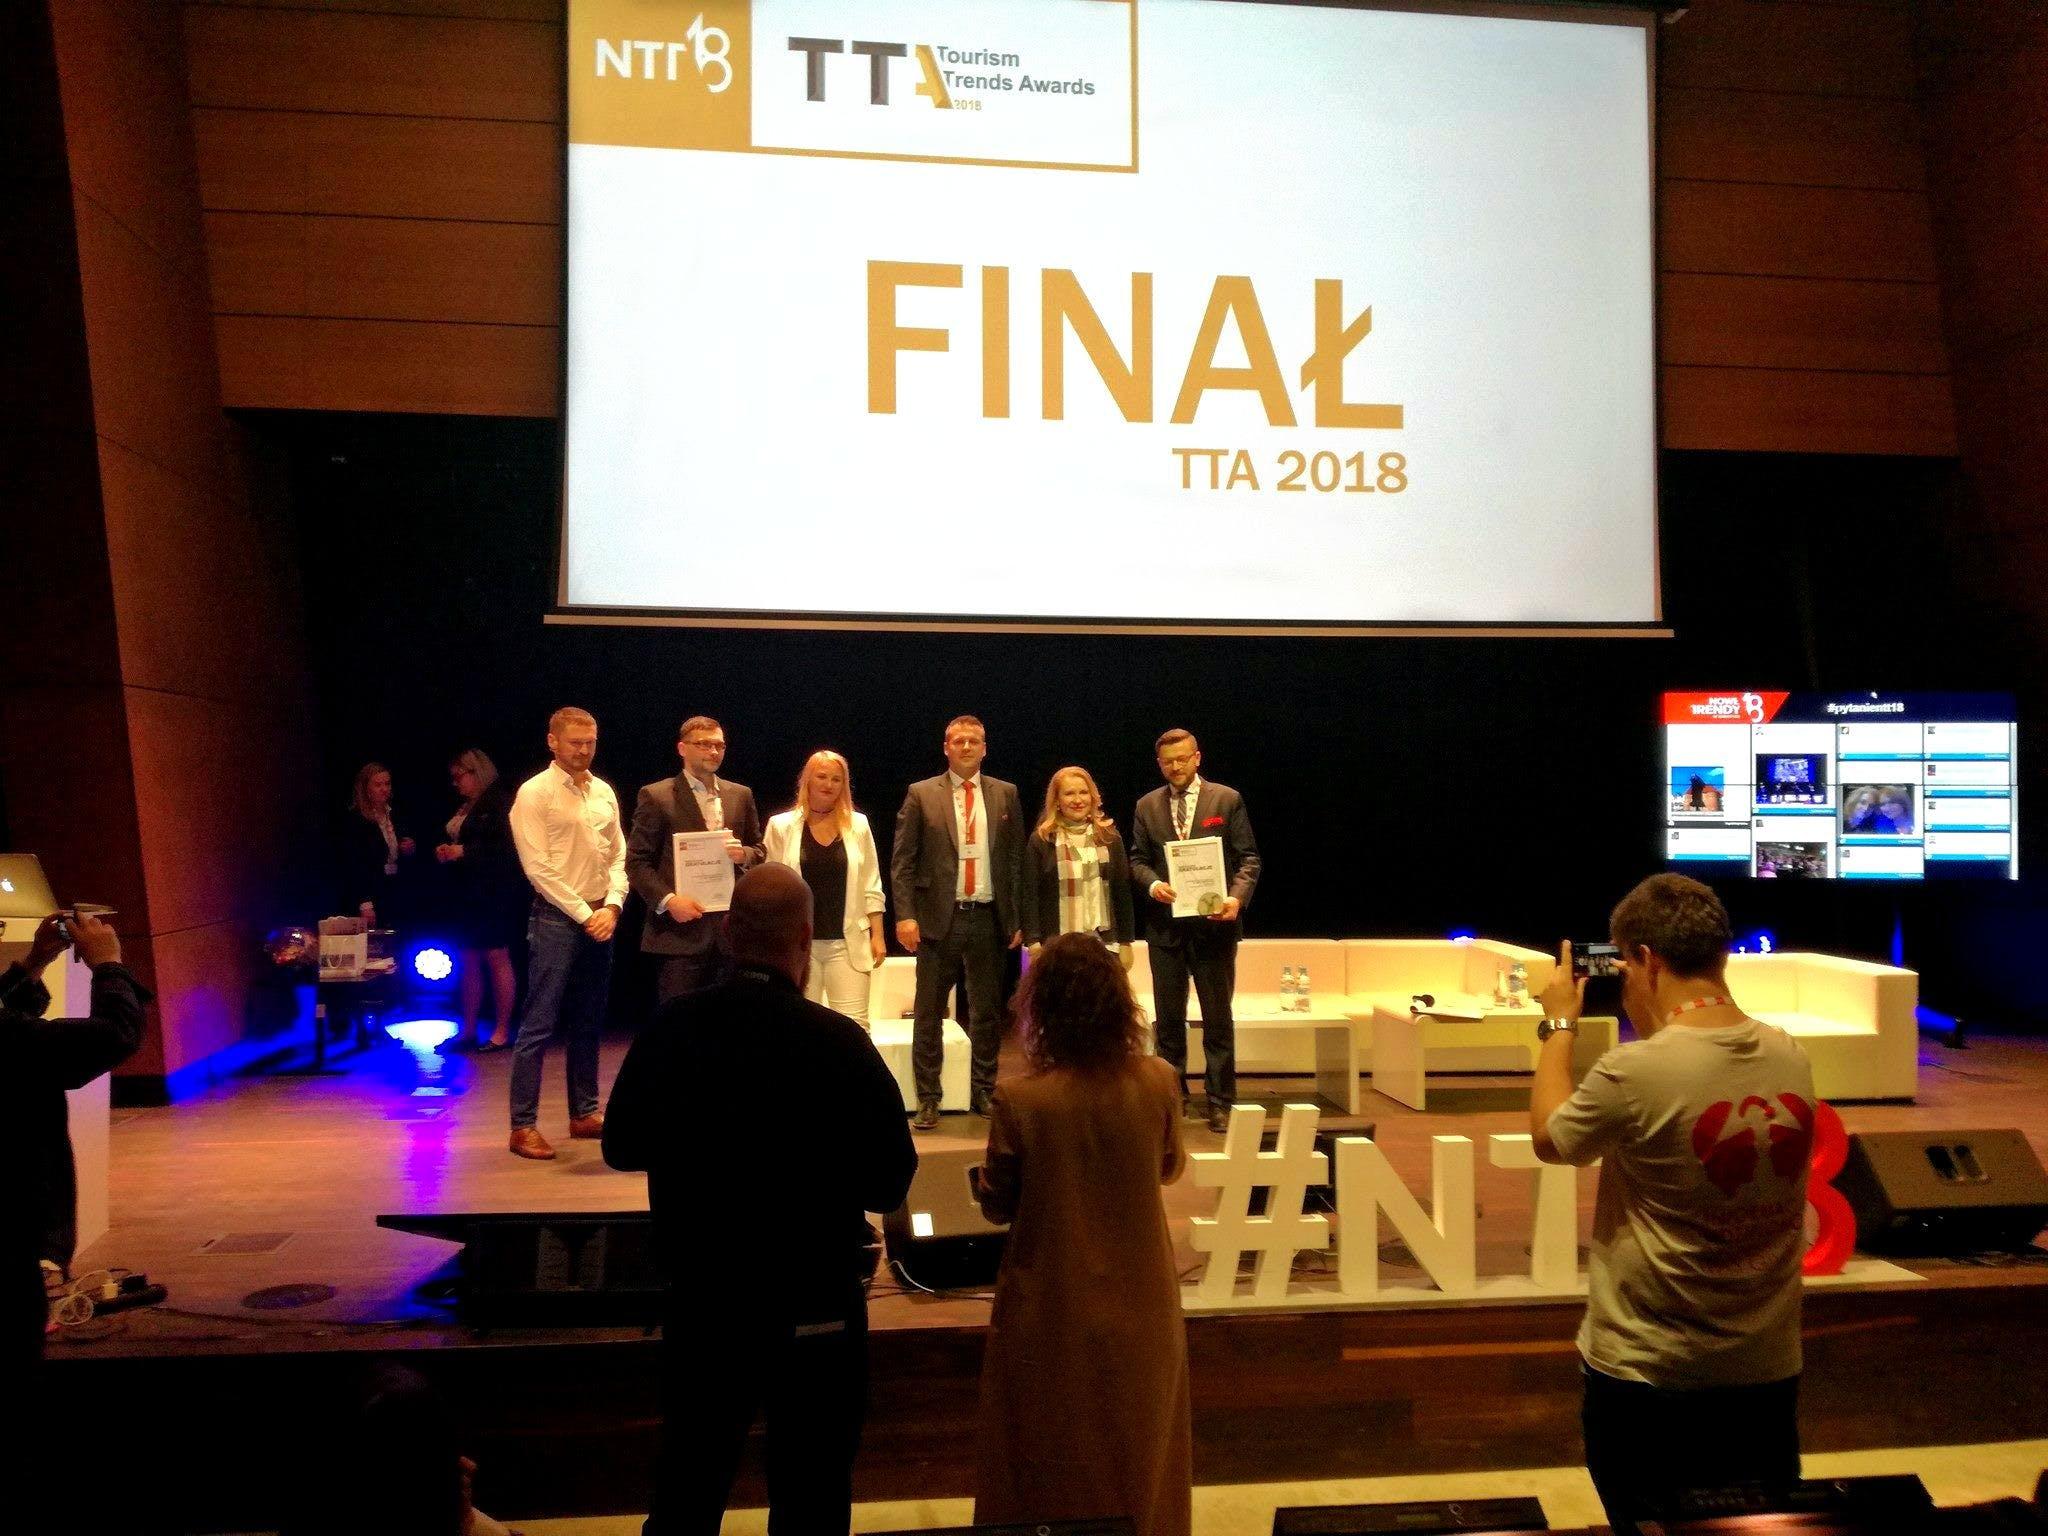 Tourism Trends Awards, Bidroom